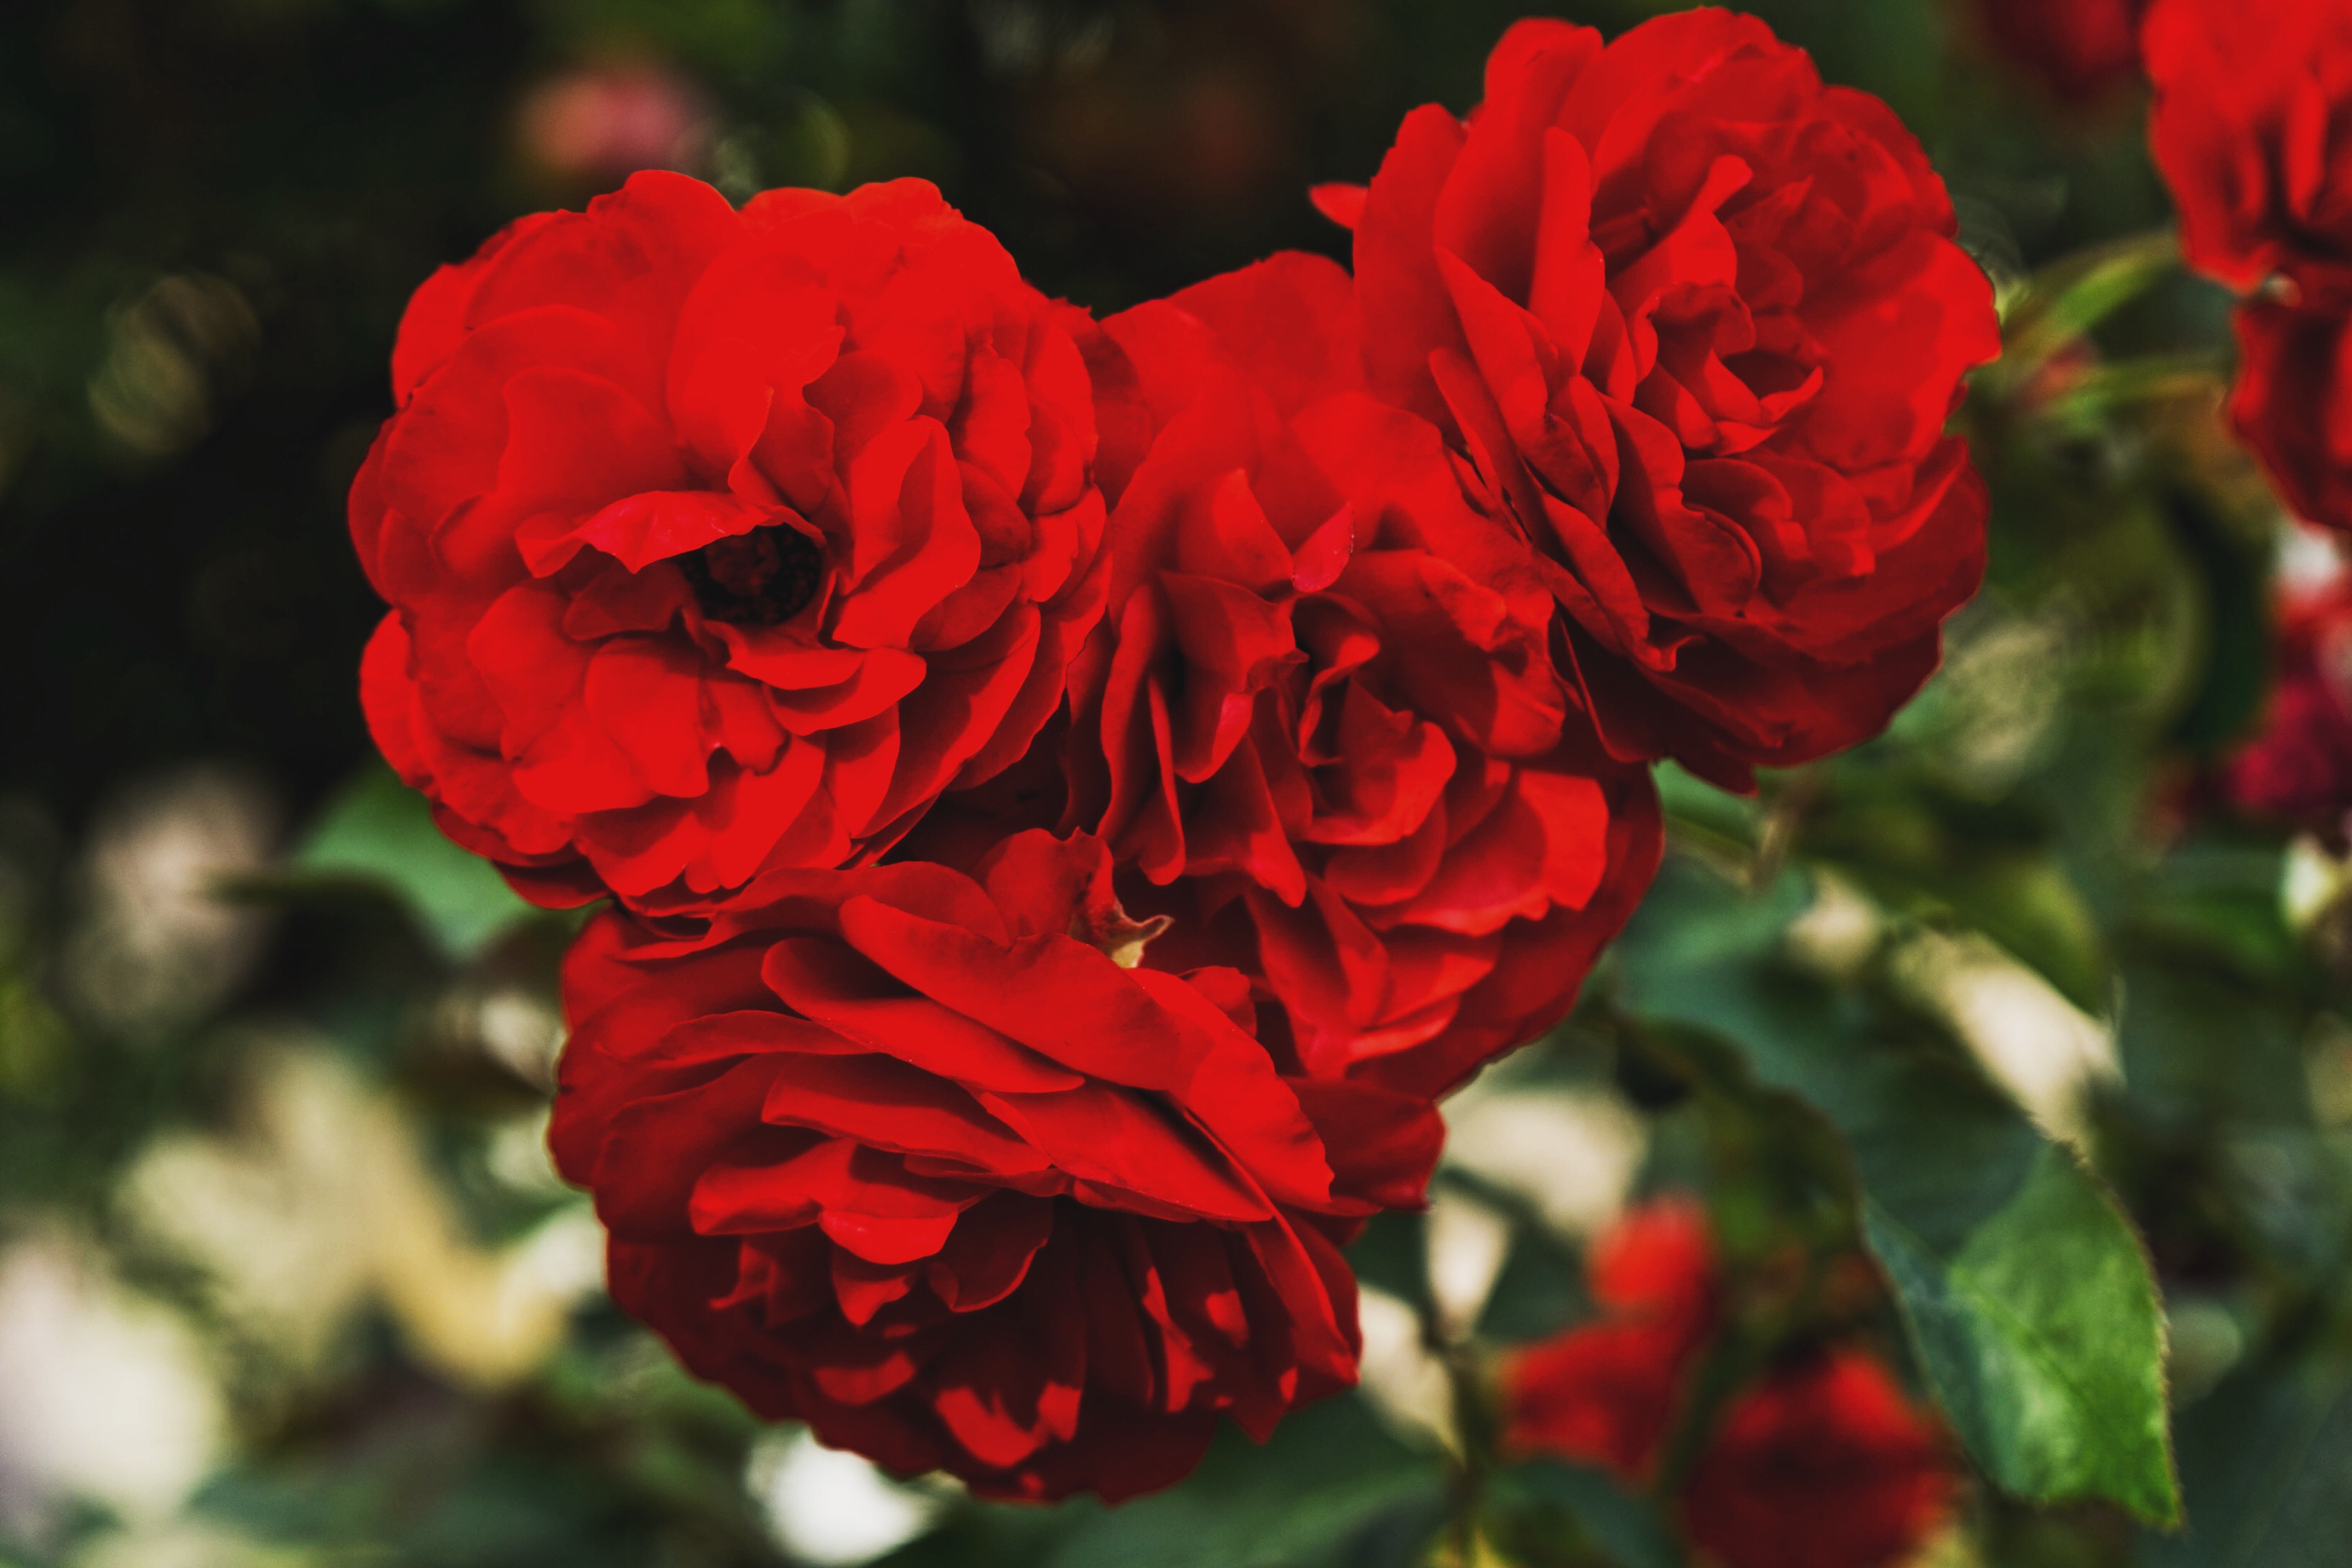 Скачать обои Красные Розы на телефон бесплатно